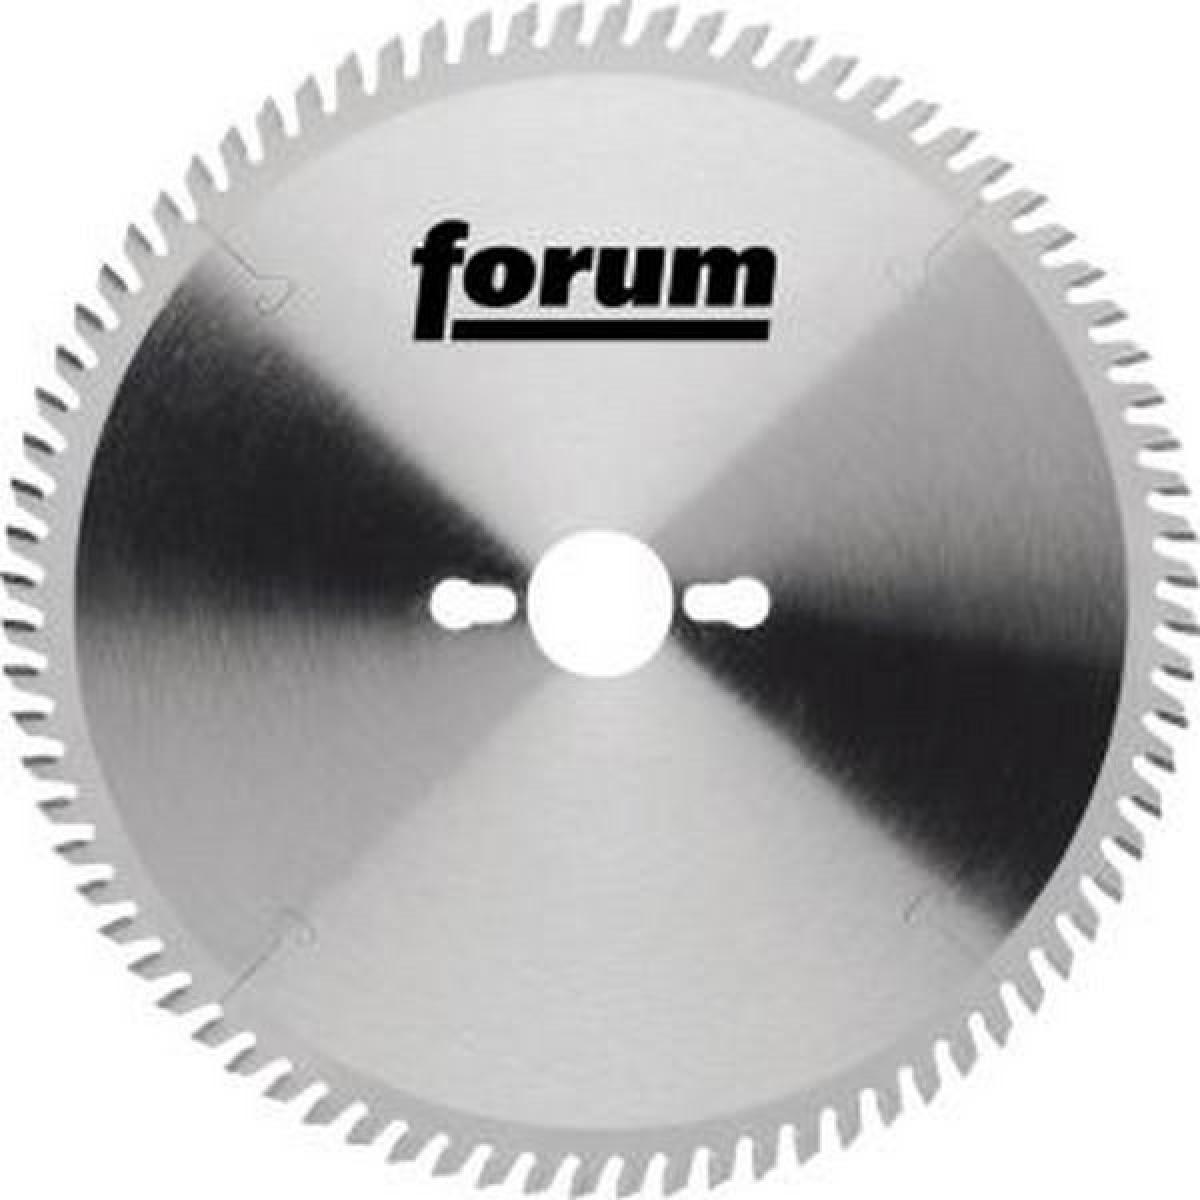 Forum Lame de scie circulaire, Ø : 160 mm, Larg. : 1,6 mm, Alésage 16 mm, Perçages secondaires : -, Dents : 18